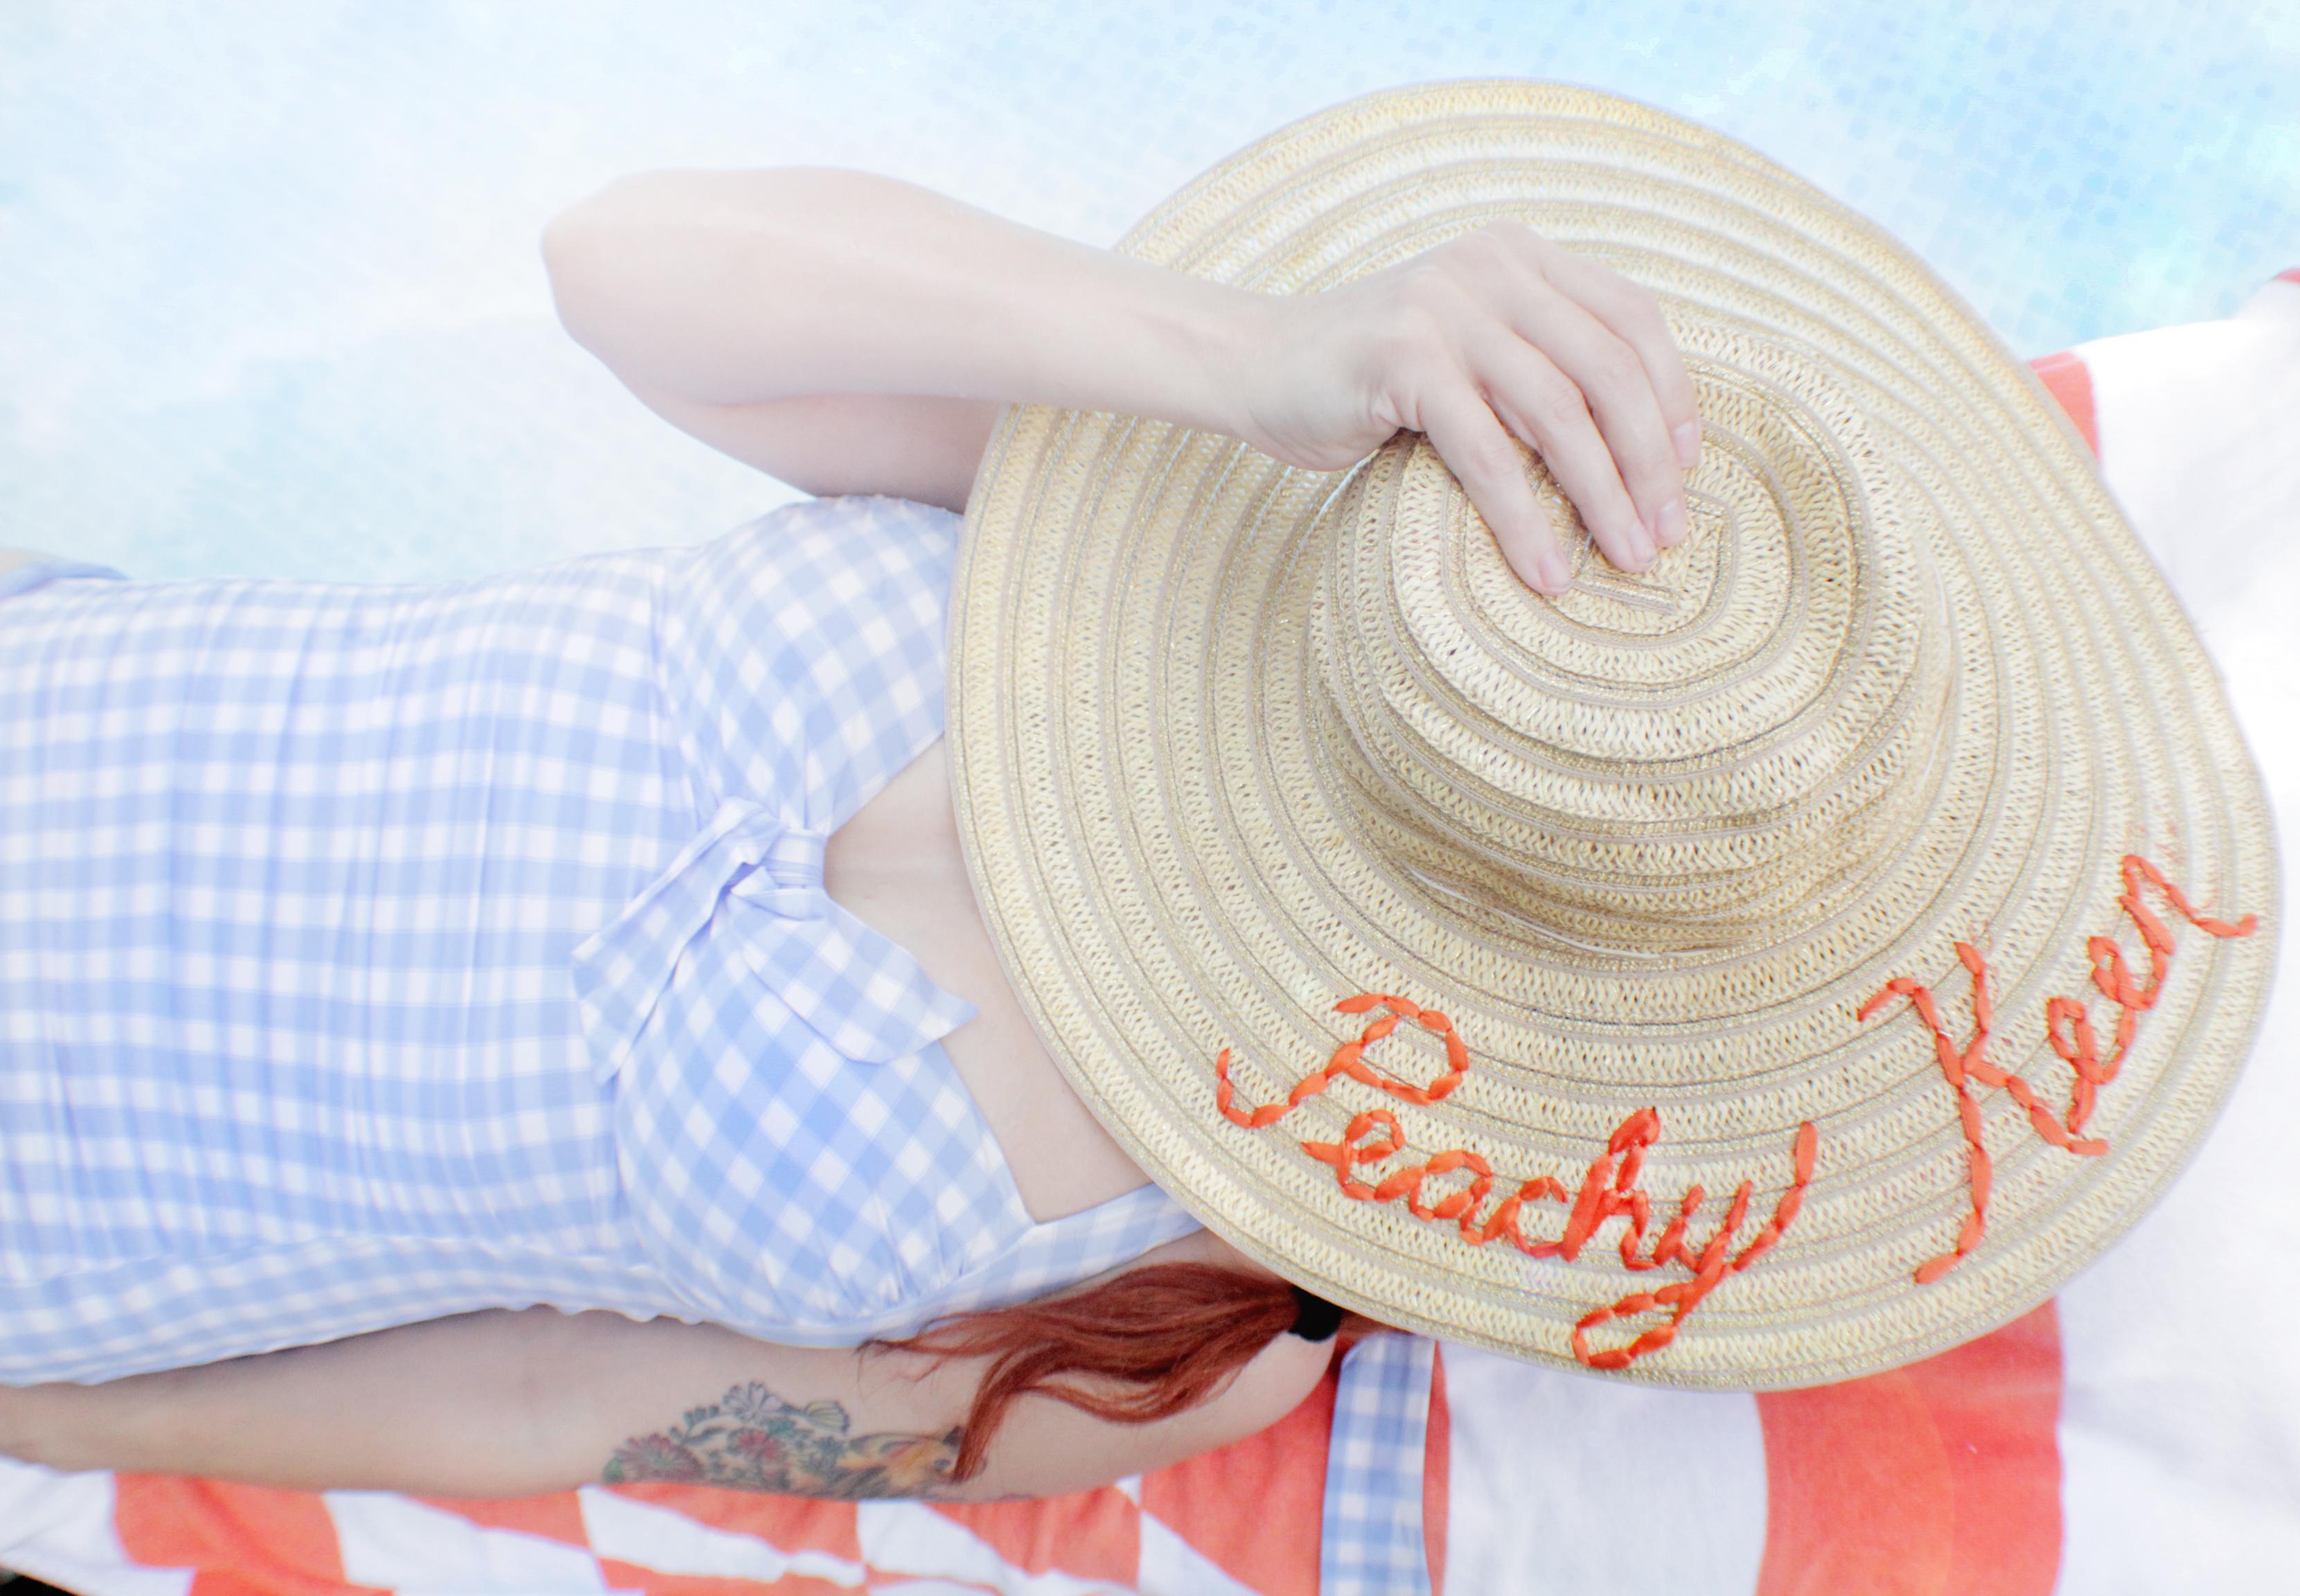 Darling hat DIY for summer!